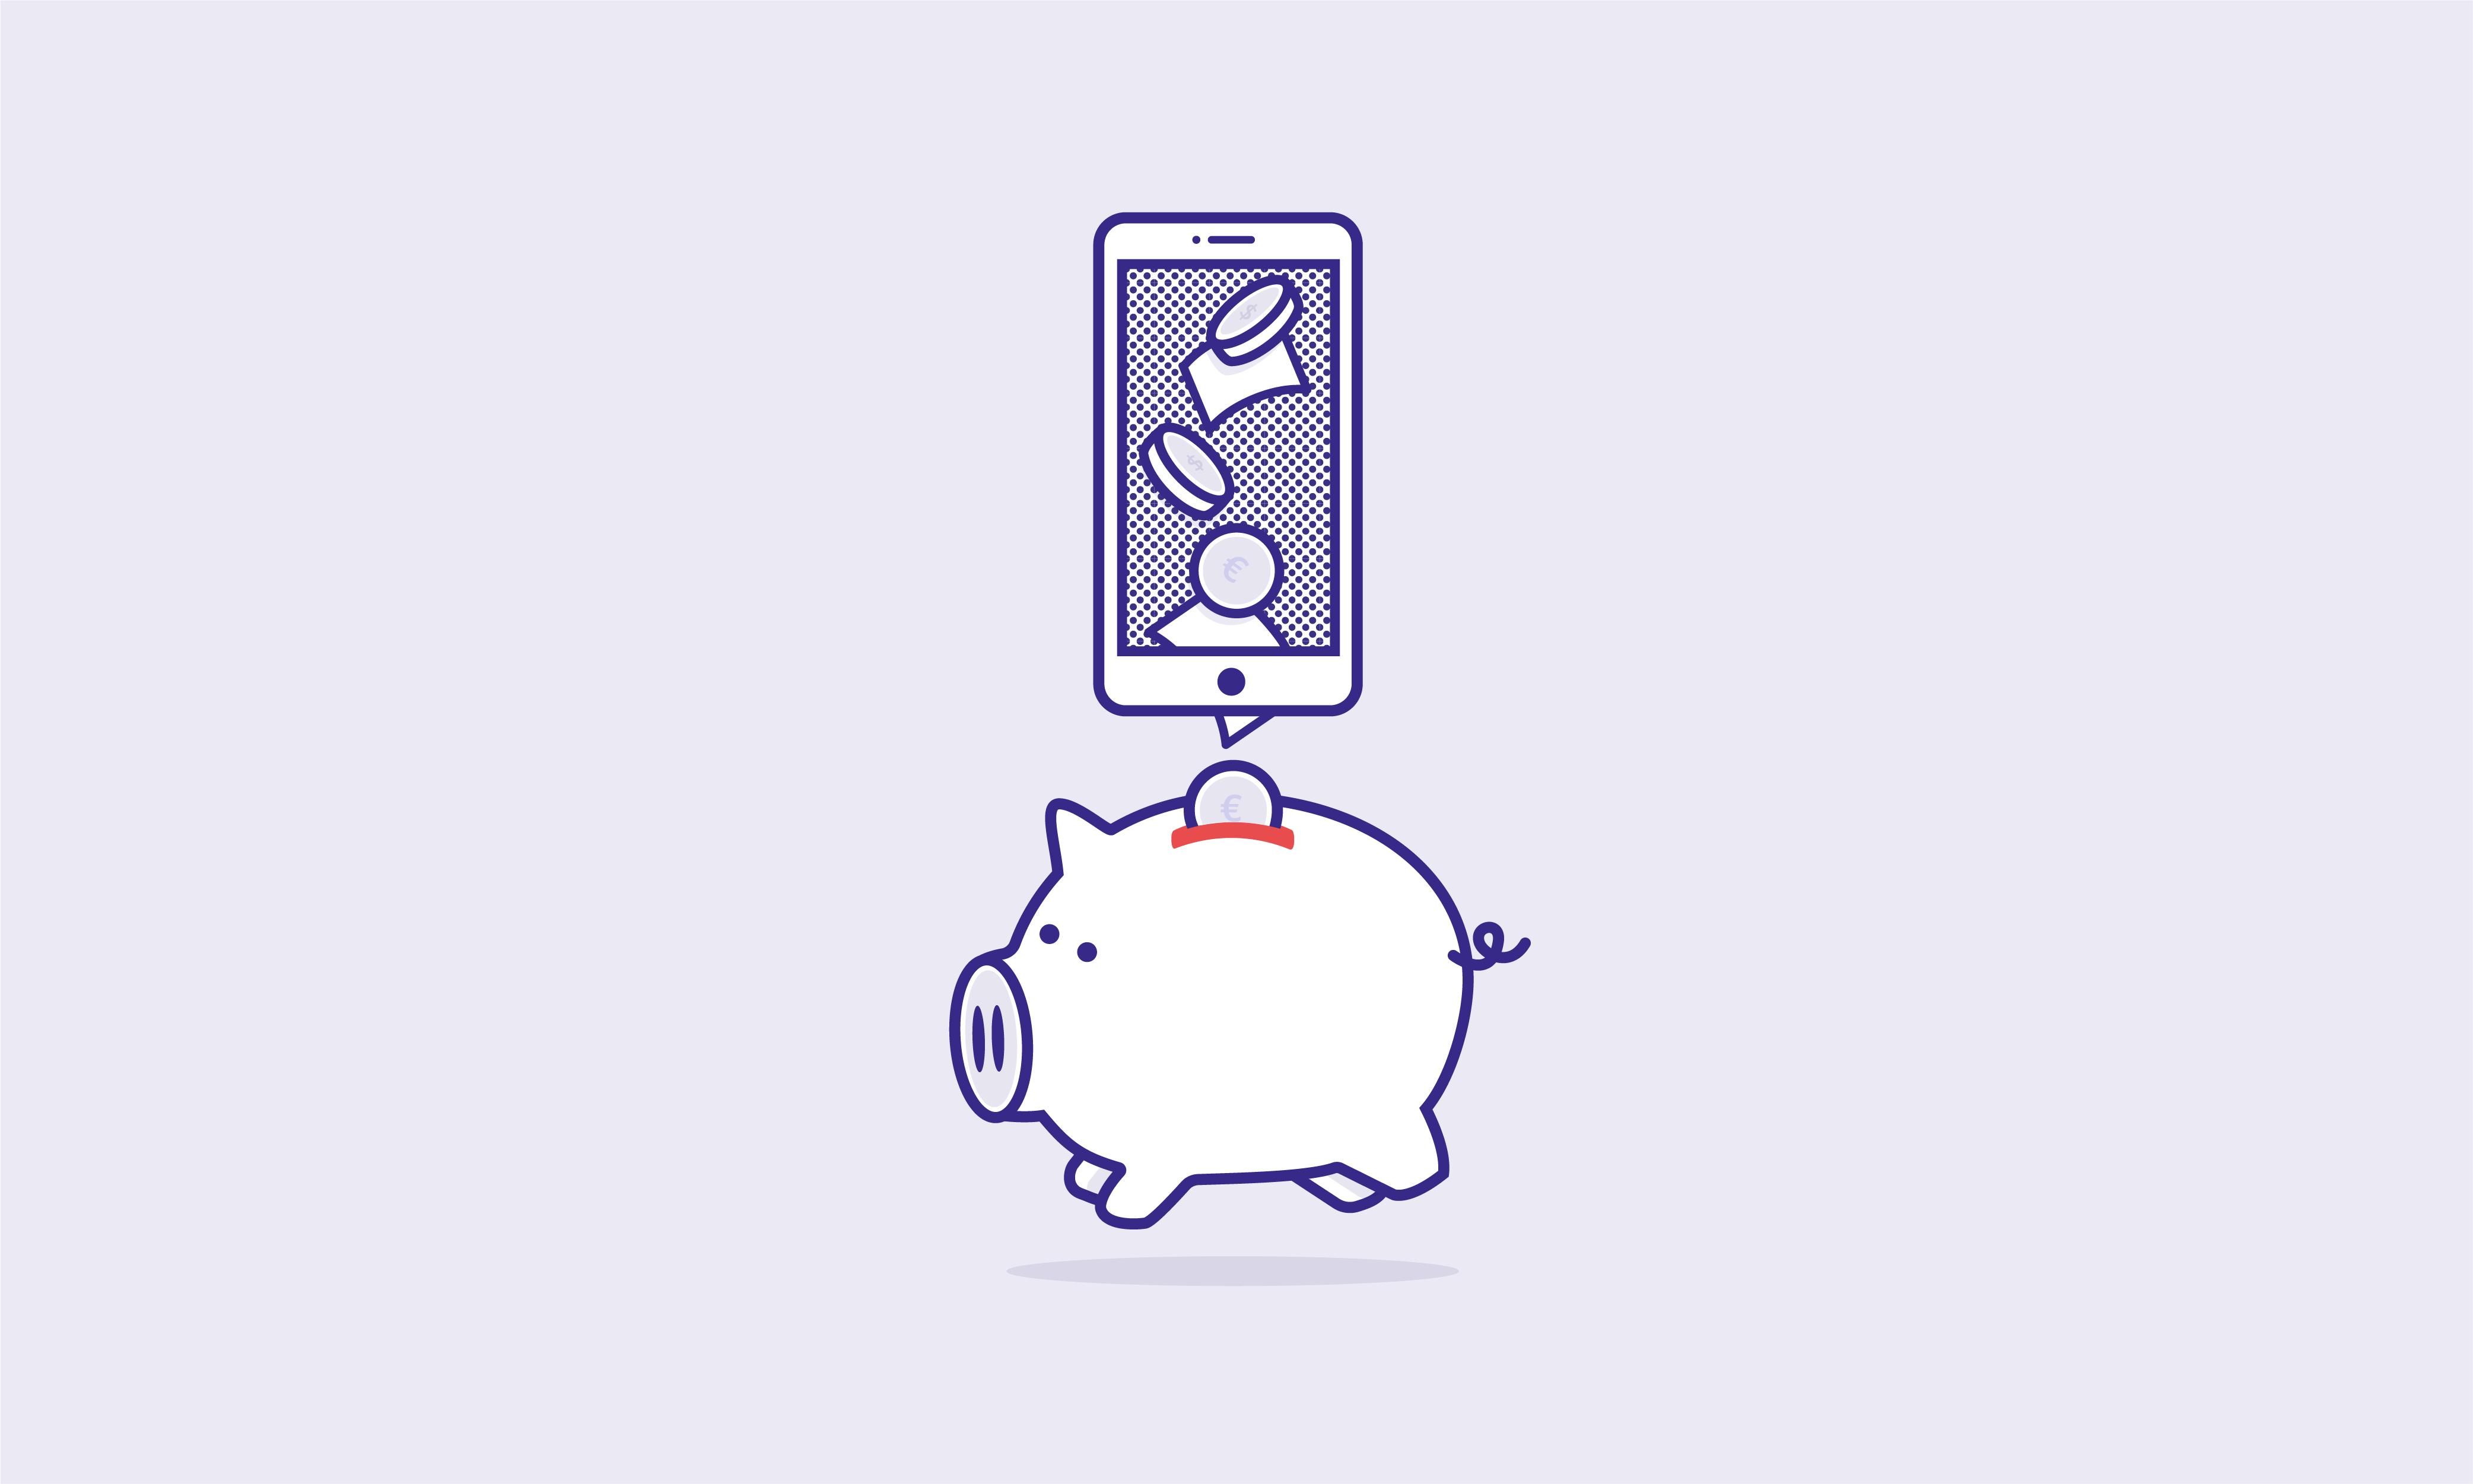 Hjælp dig selv til at investere mere med MobilePay